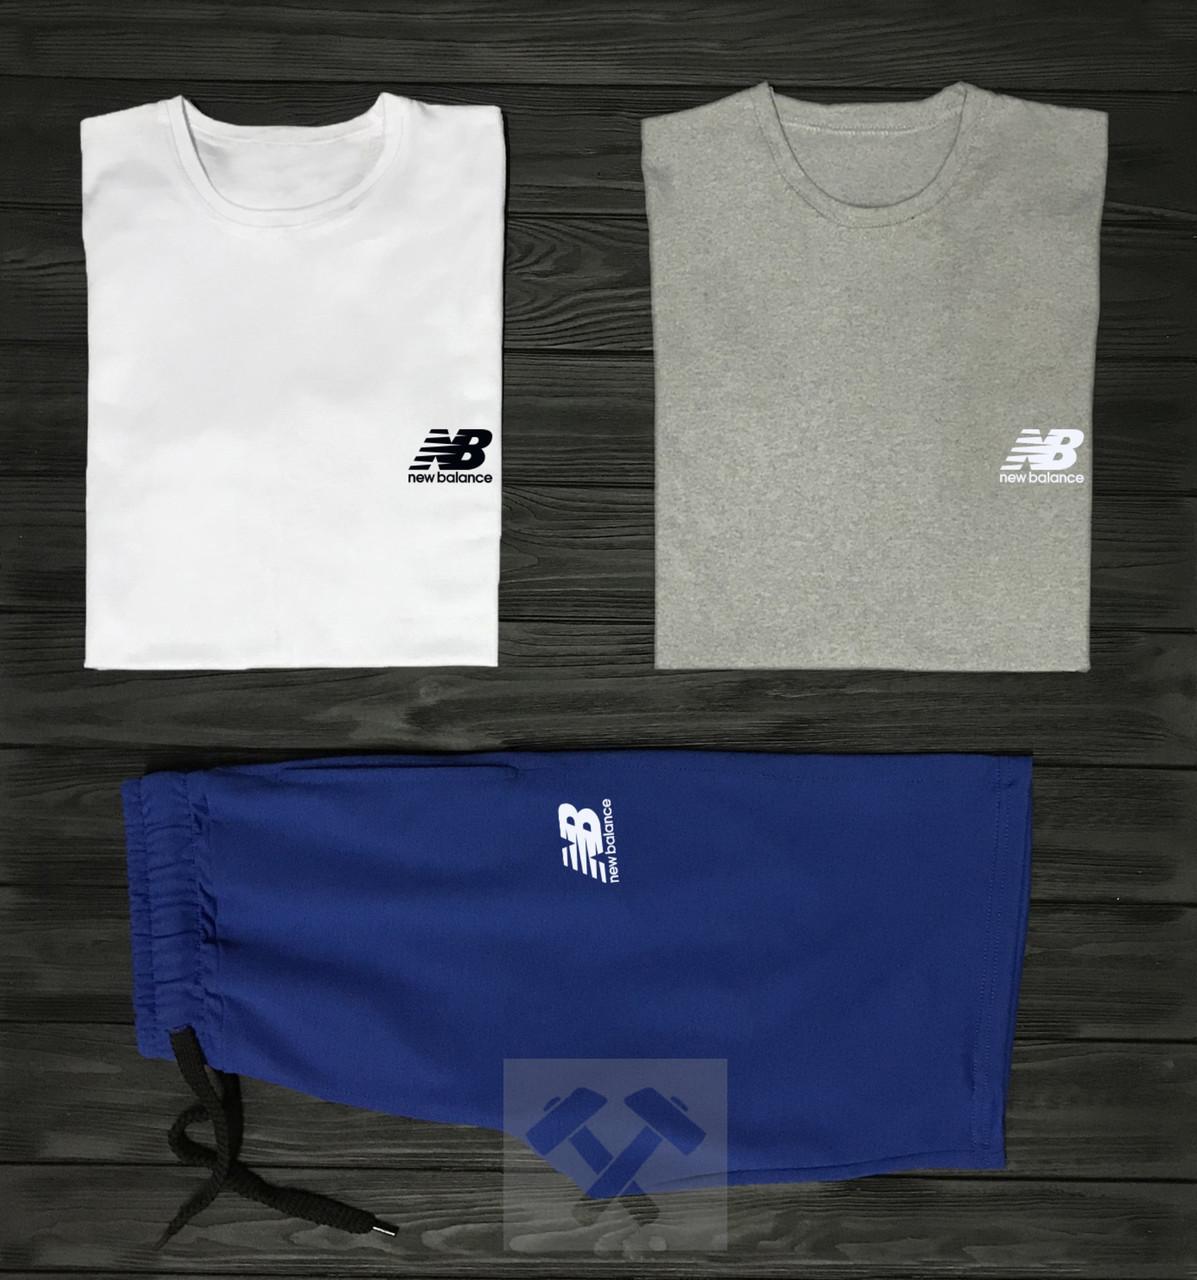 Мужской костюм тройка 2 футболки и шорты Нью Беланс (New Balance), Турецкий трикотаж, копия